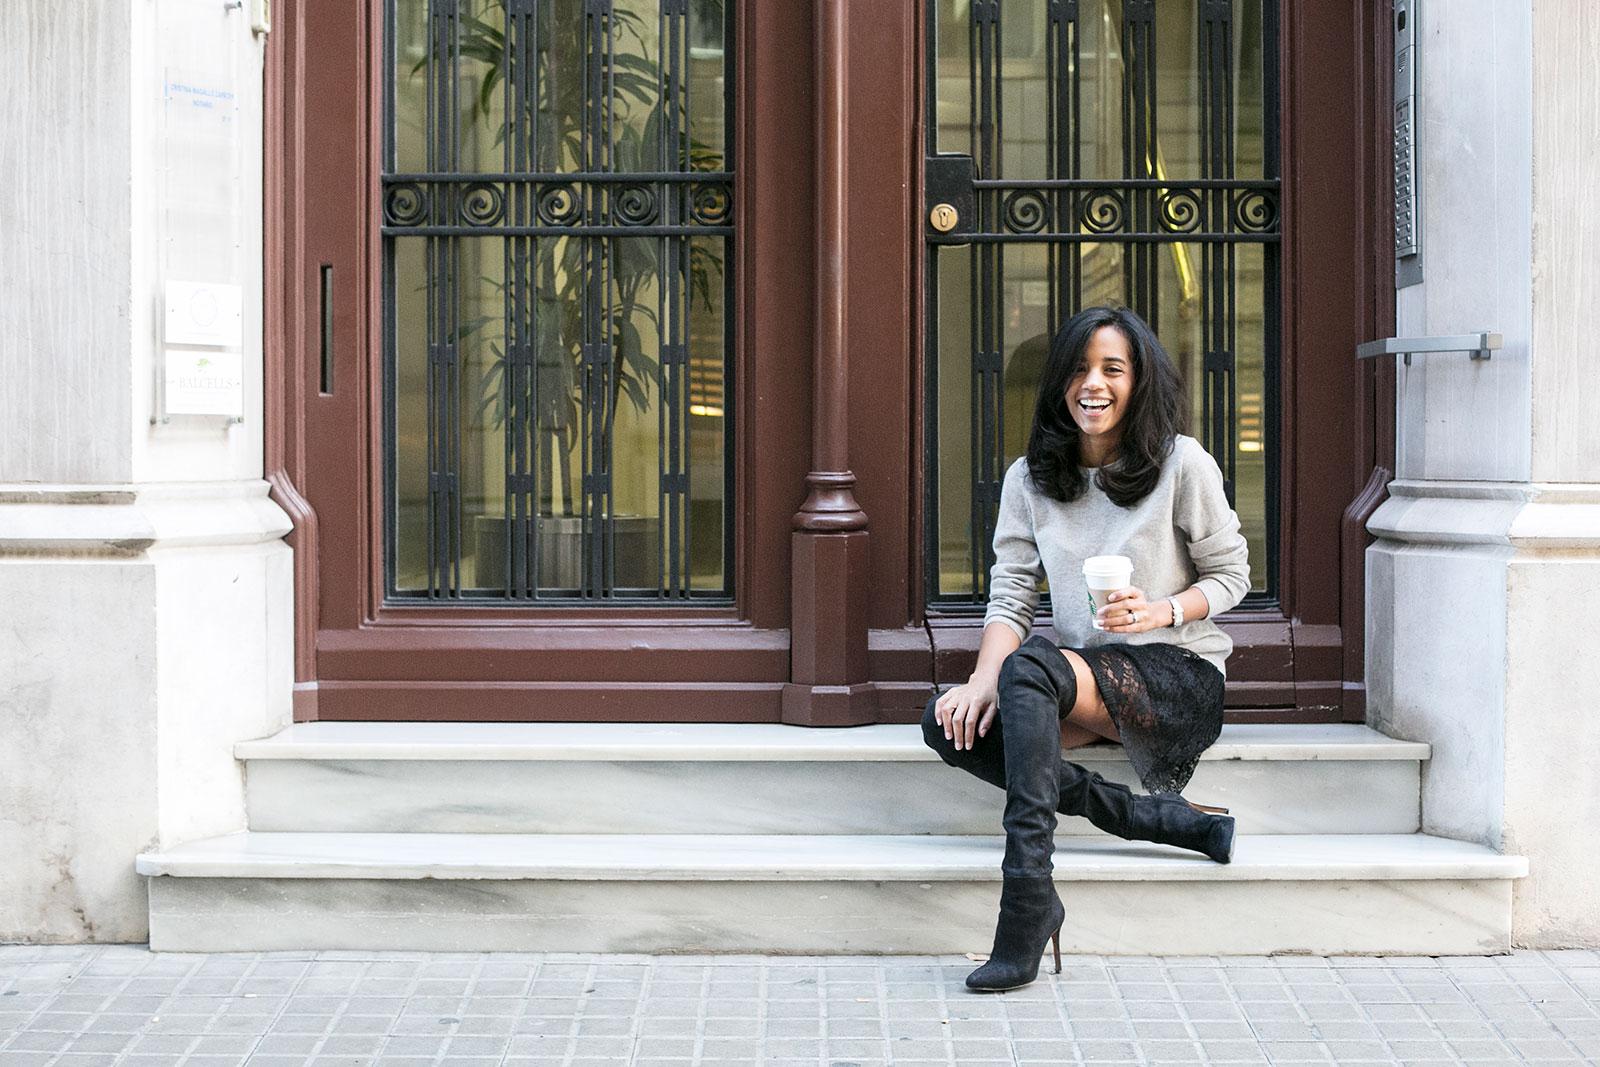 Barcelona fashion photographer